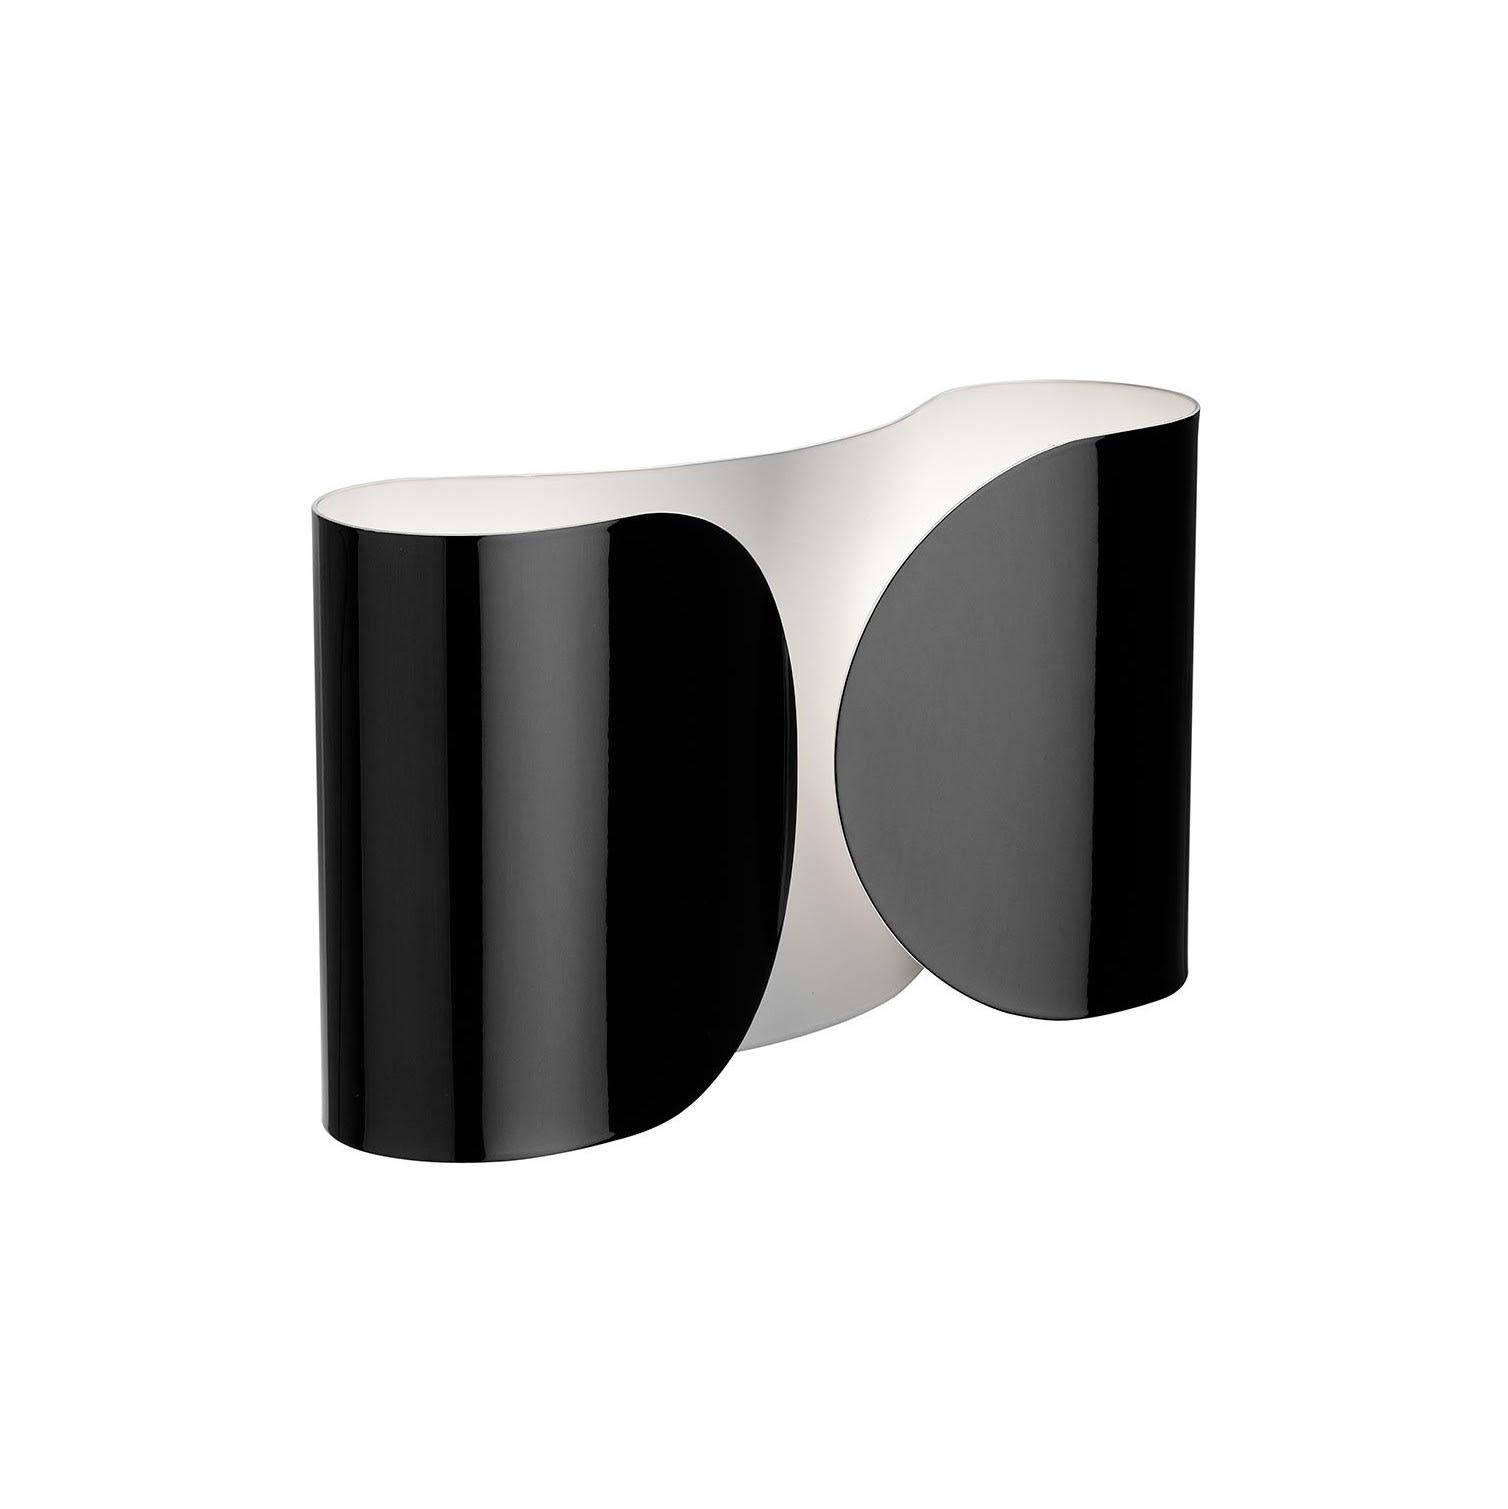 black nickel - +$291.07